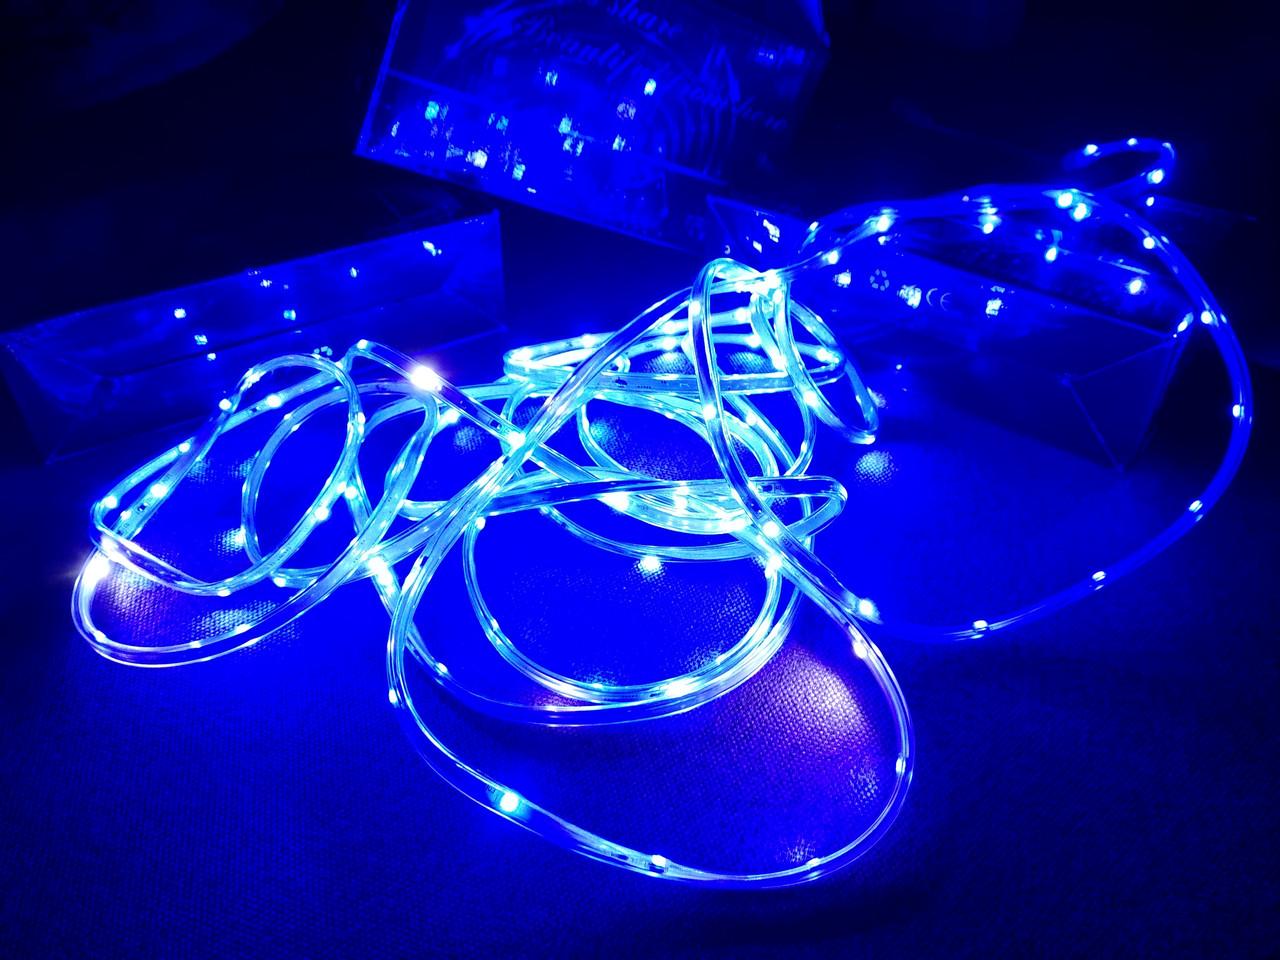 Гирлянда уличная светодиодная лента синяя LED 5 метров